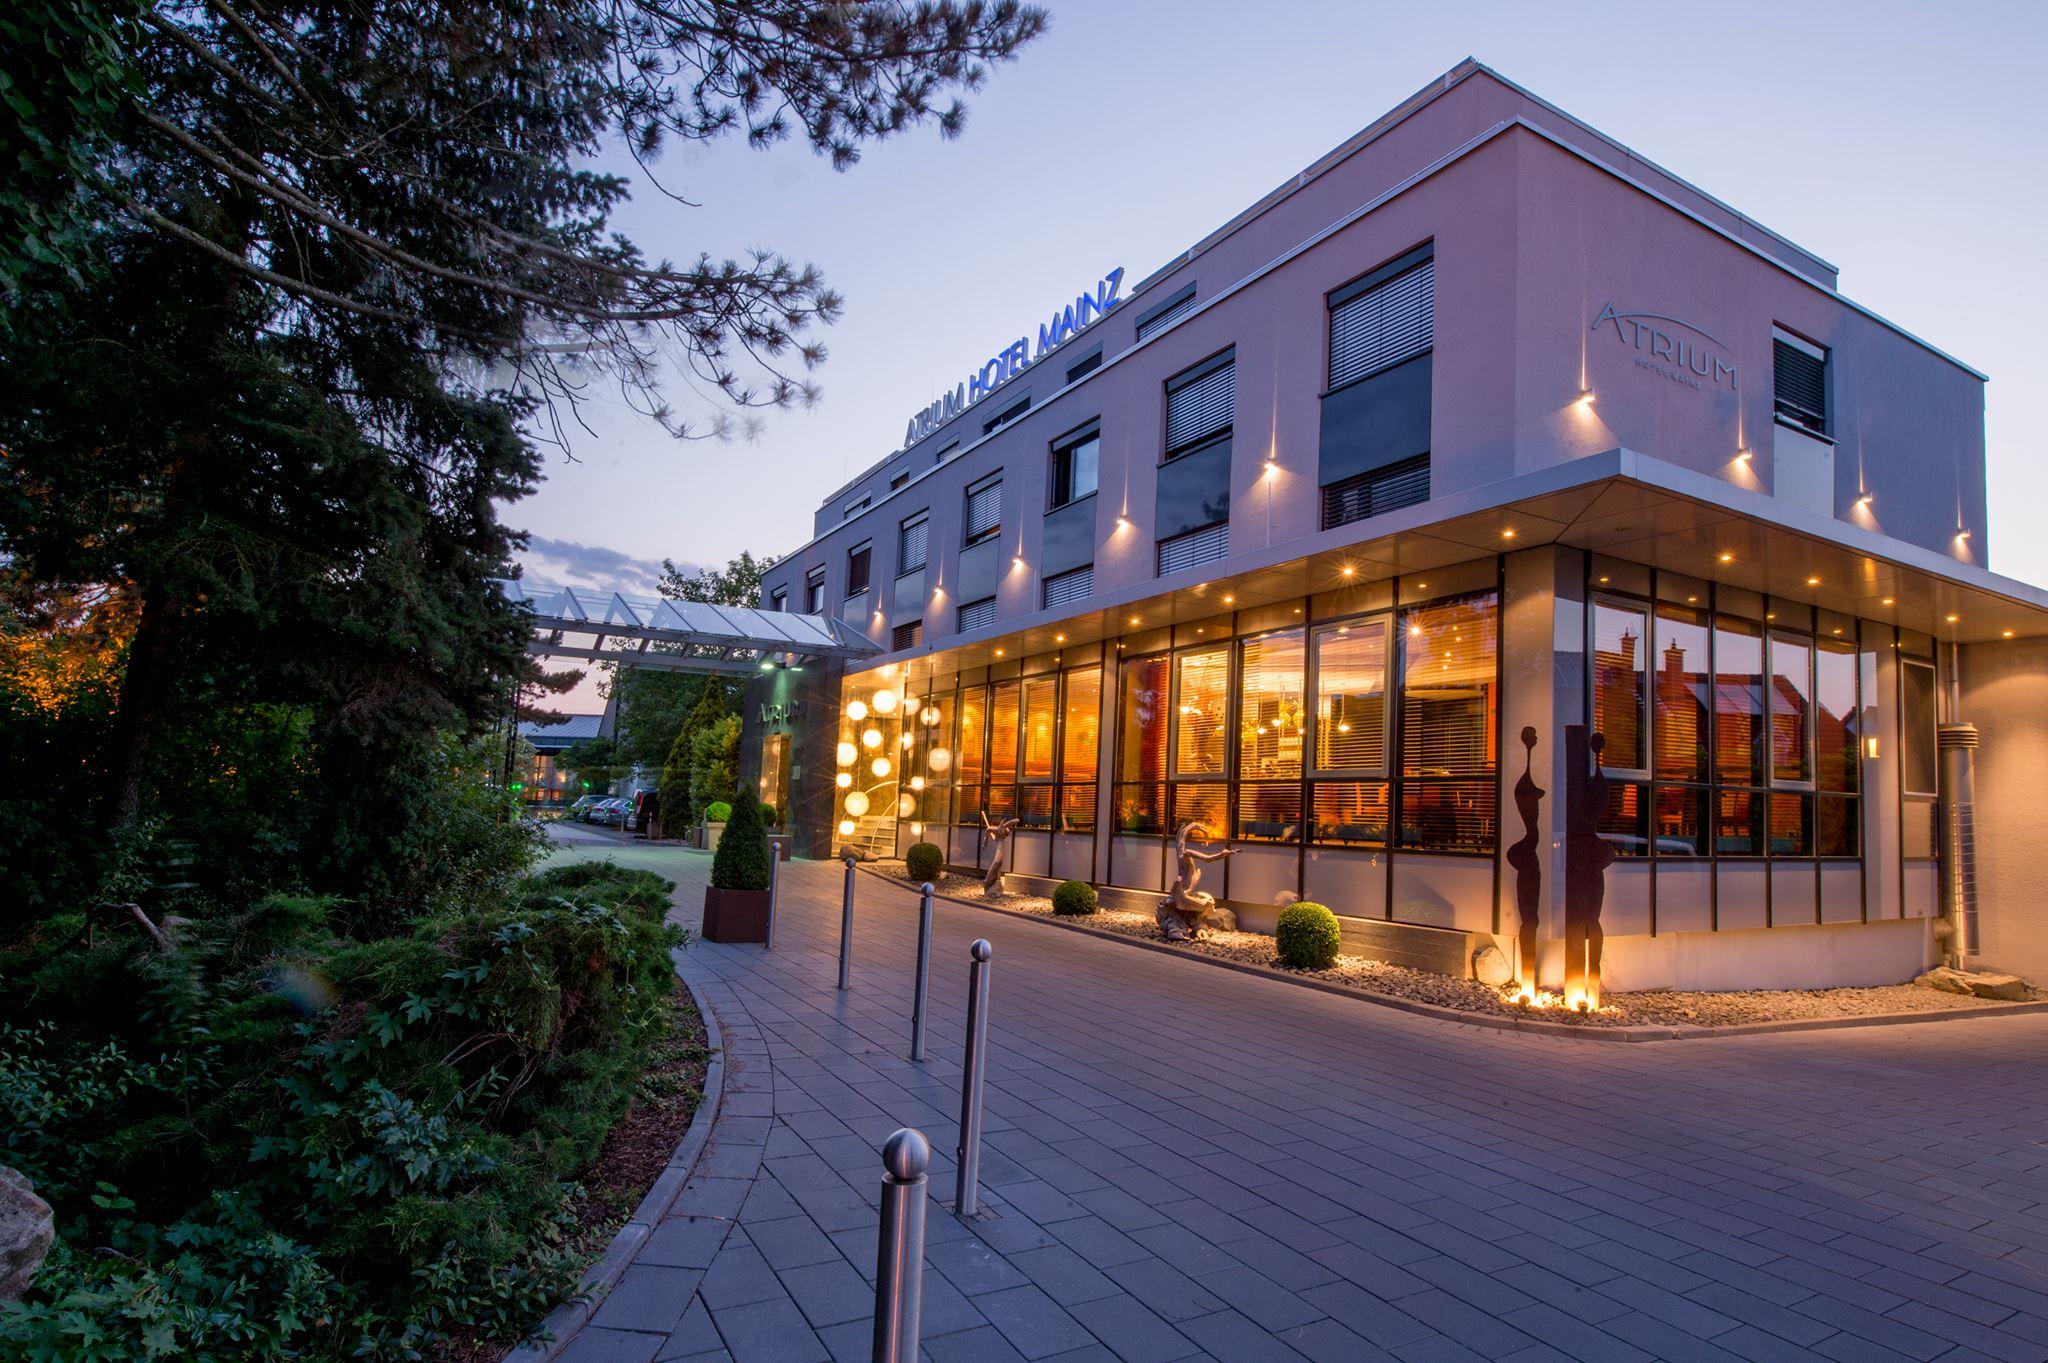 Hotel Atrium in Mainz